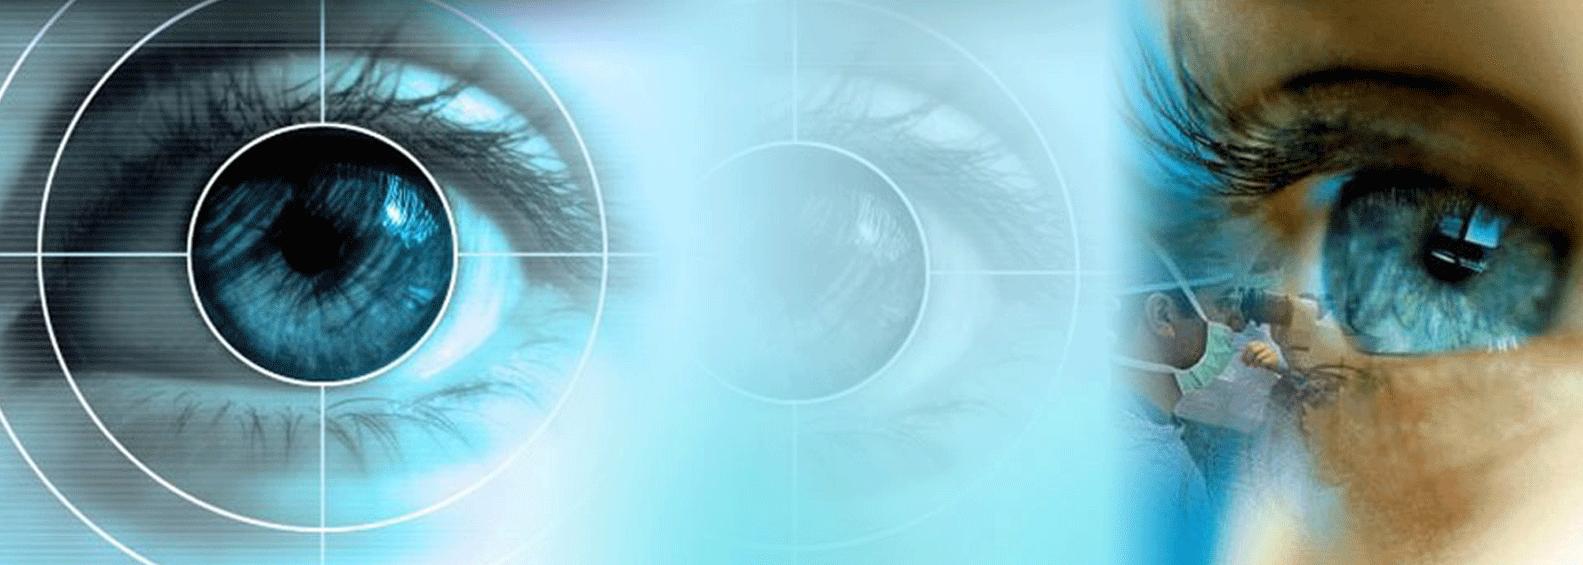 Eye disease testing Tamarind Optical